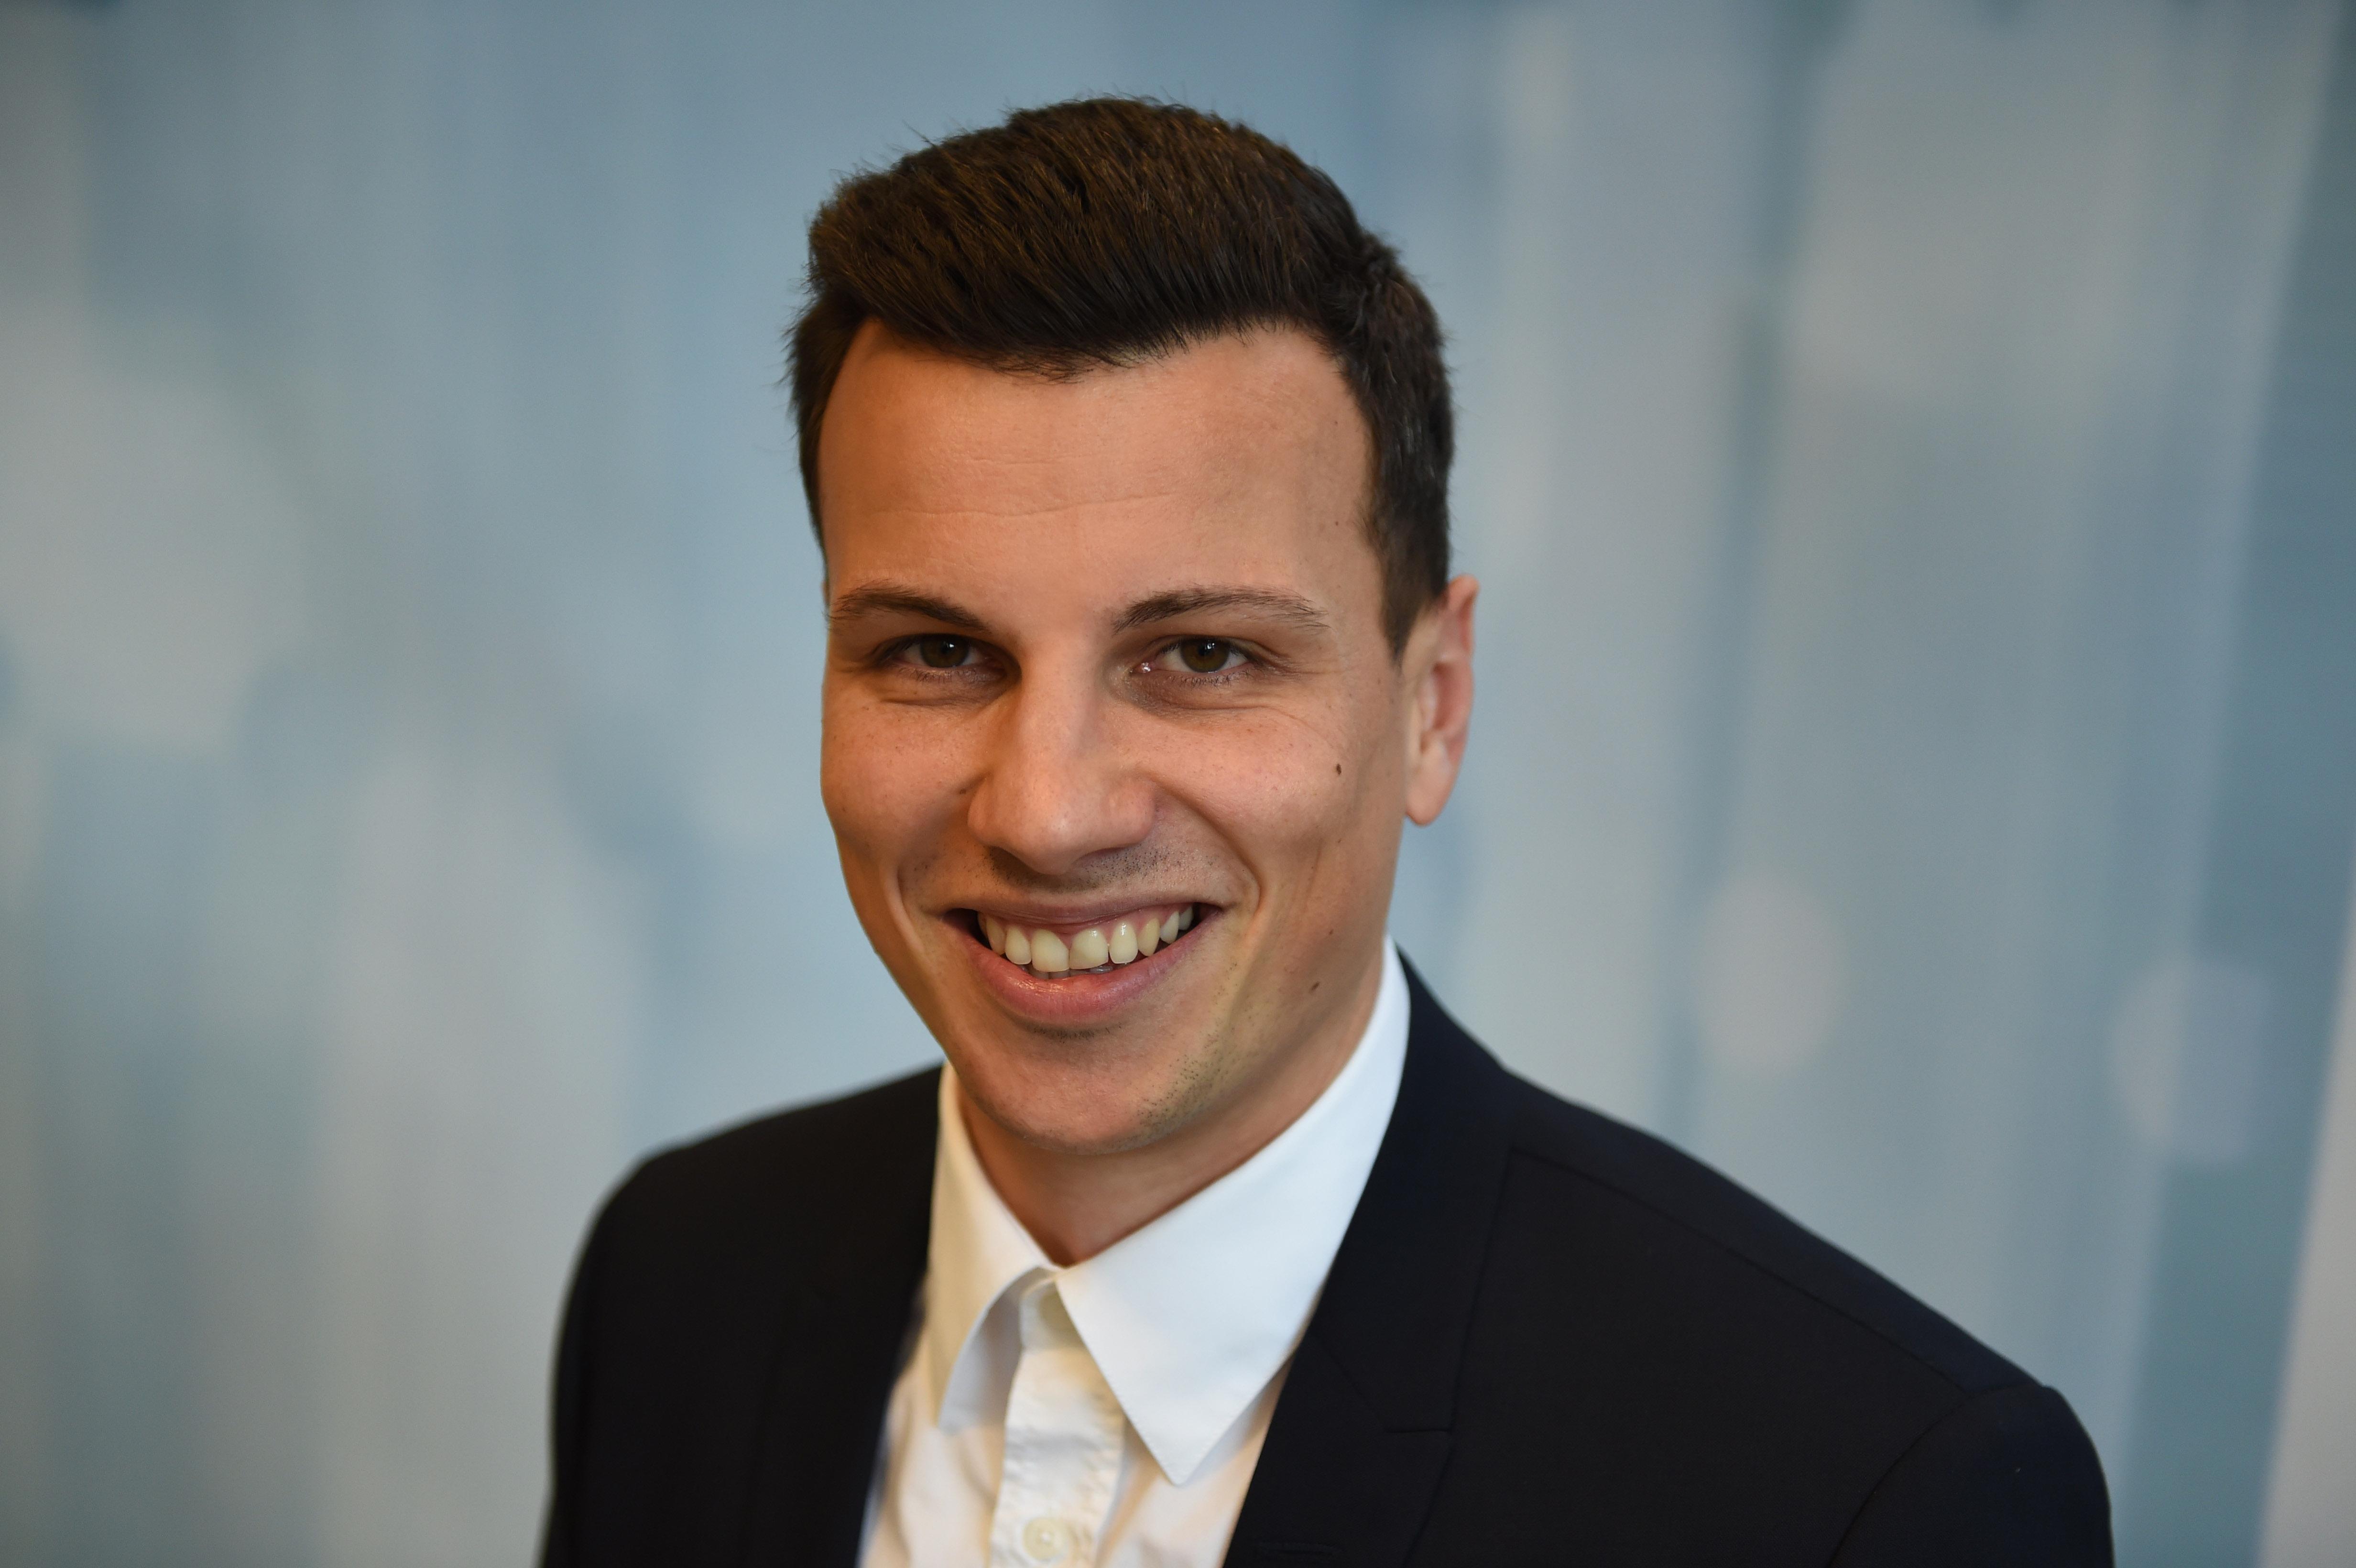 news aktuell vergrößert das Marketingteam mit Sascha Meyer ...  news aktuell ve...